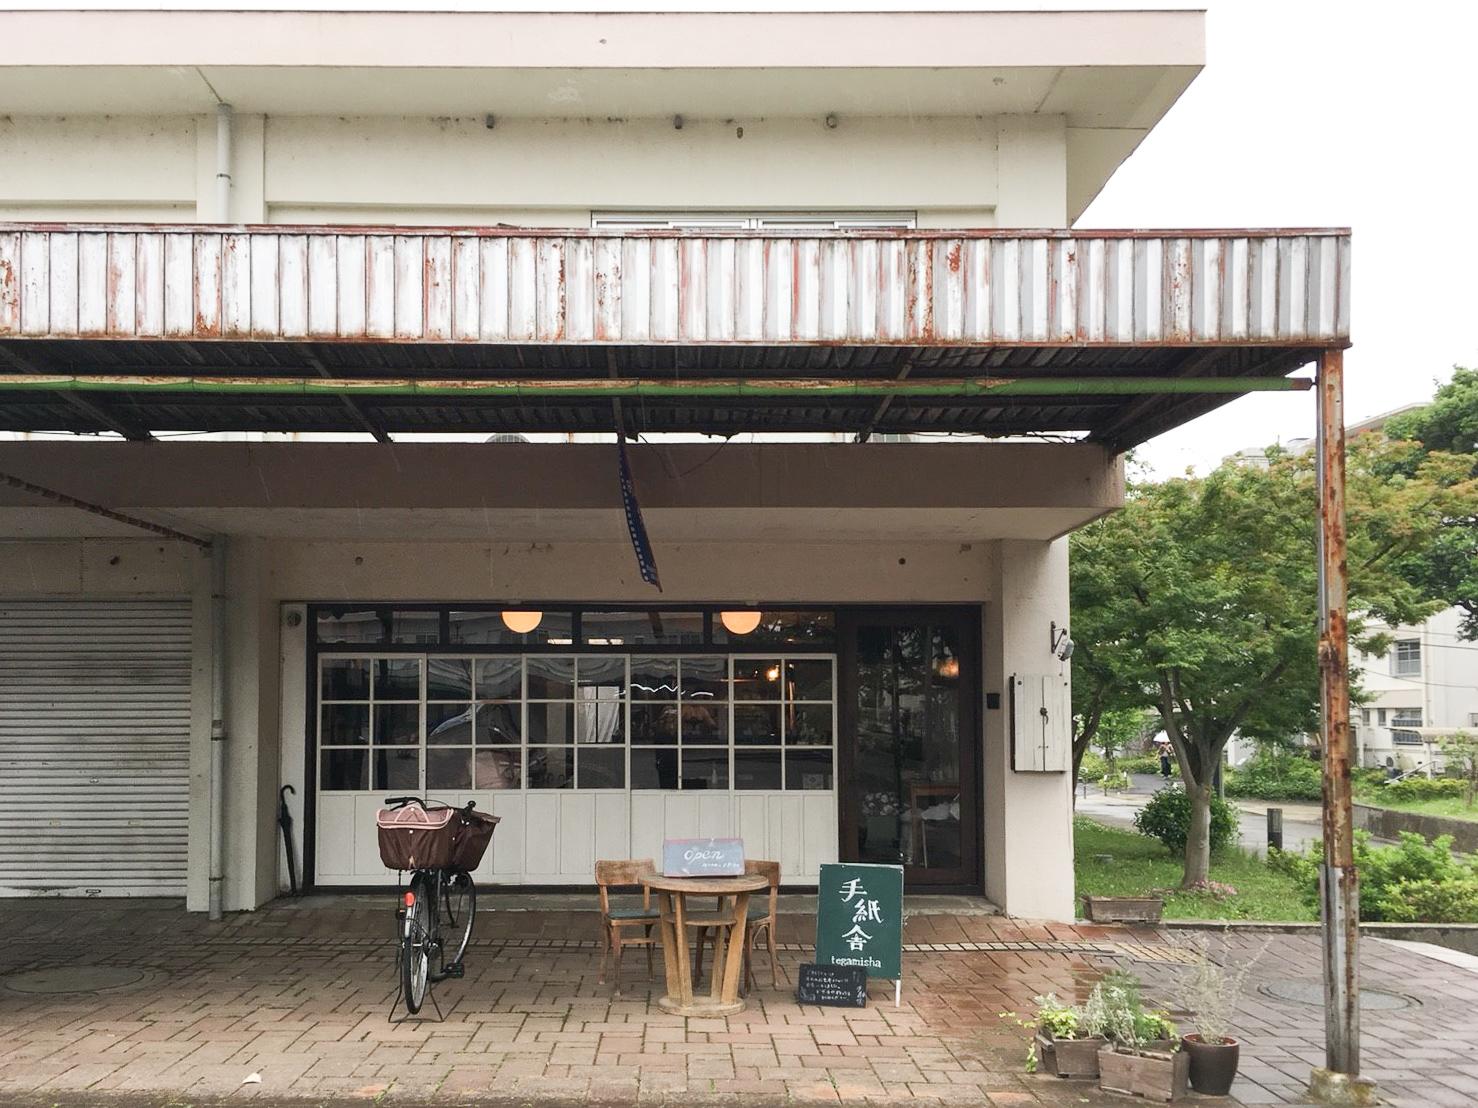 手紙舎本店があるのは、調布市の神代団地商店街の一角。